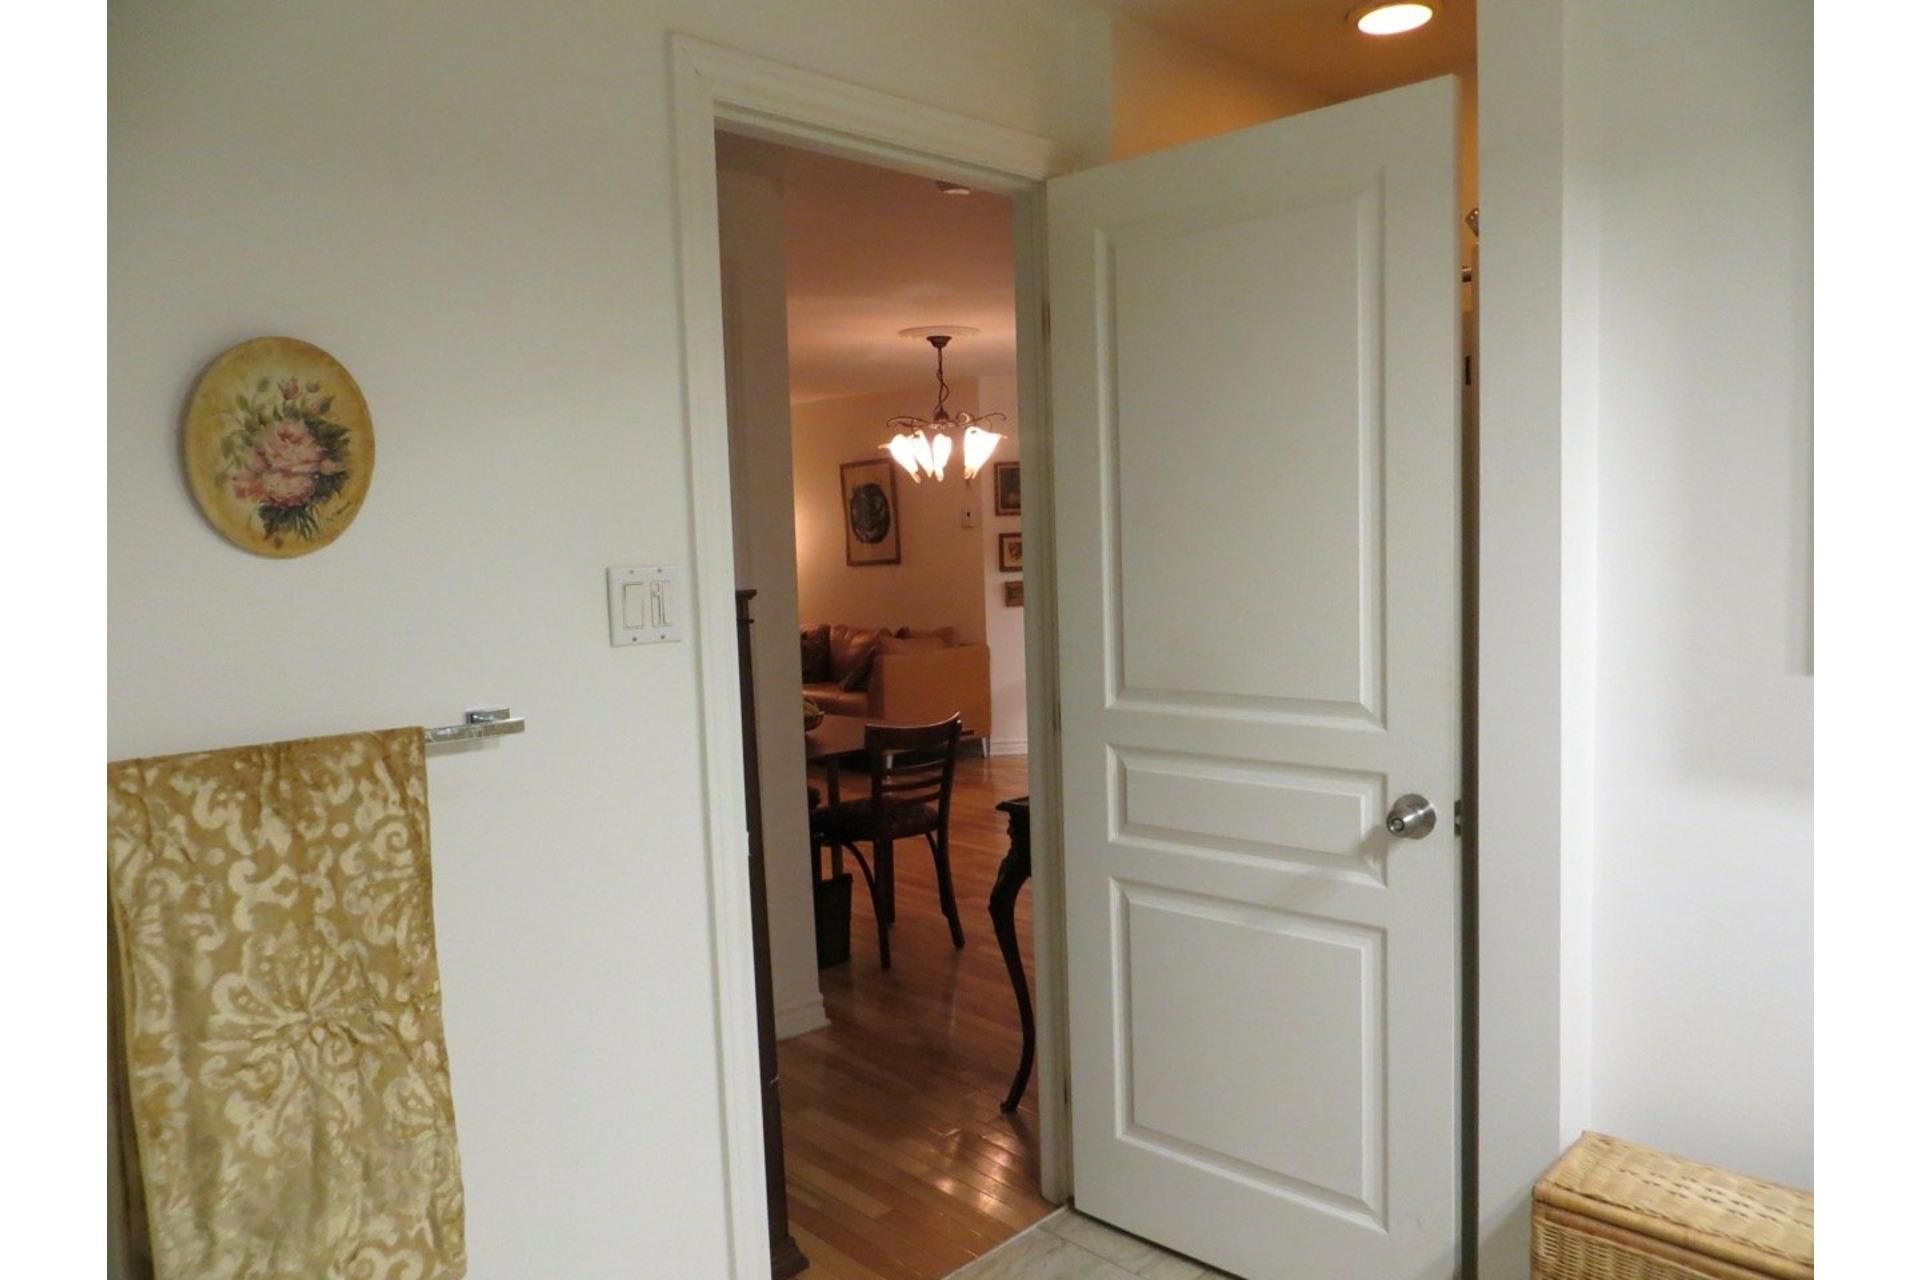 image 20 - Appartement À vendre Côte-des-Neiges/Notre-Dame-de-Grâce Montréal  - 6 pièces